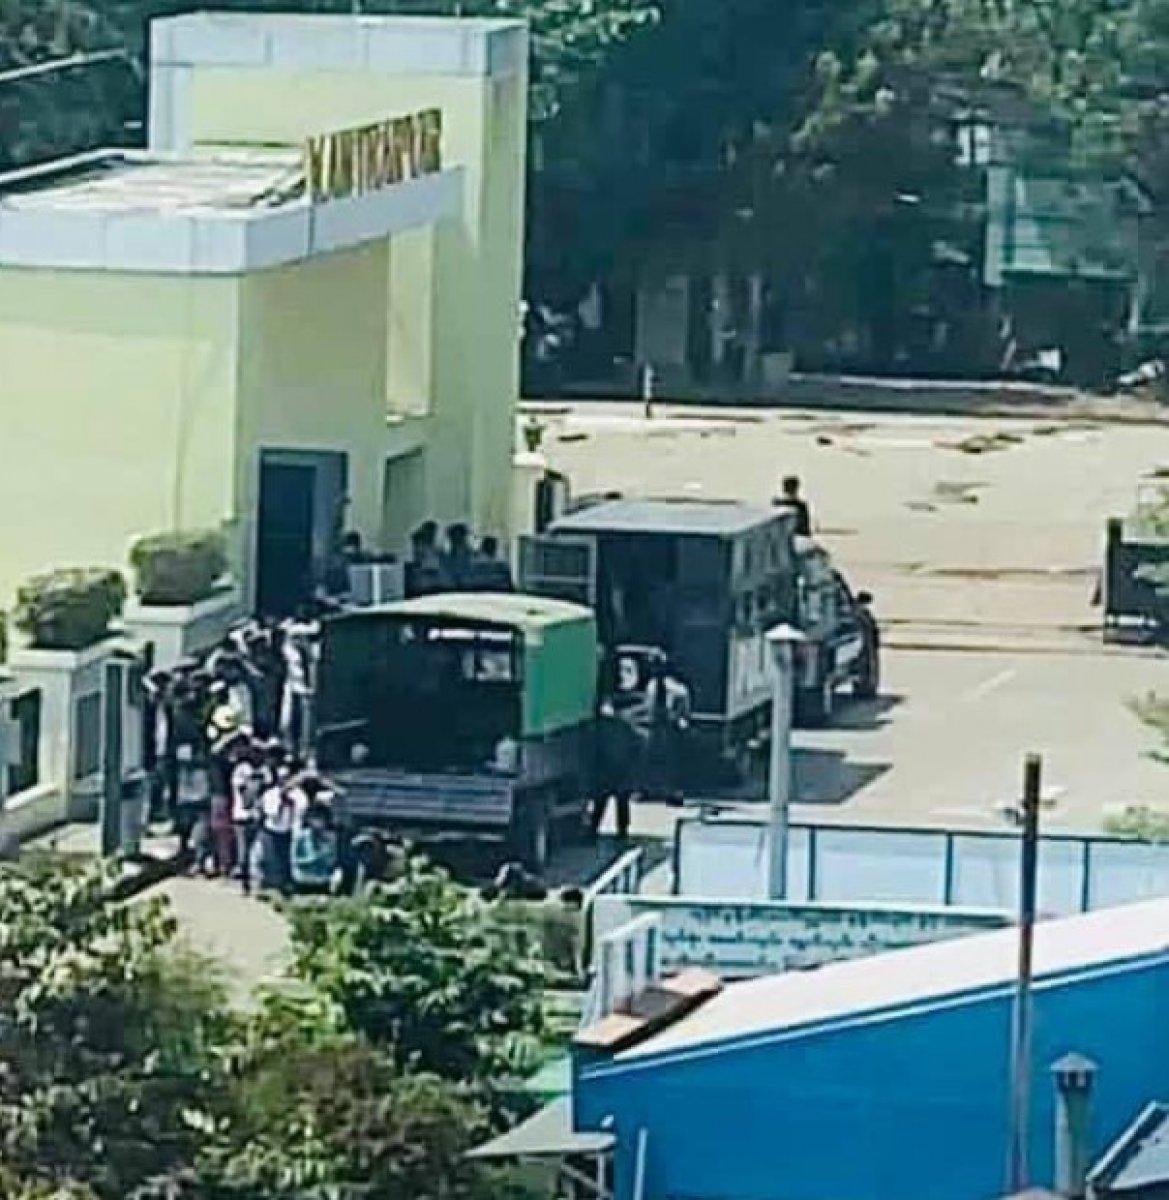 Myanmar da güvenlik güçleri, grevdeki demir yolu çalışanlarını evlerinden çıkardı #17